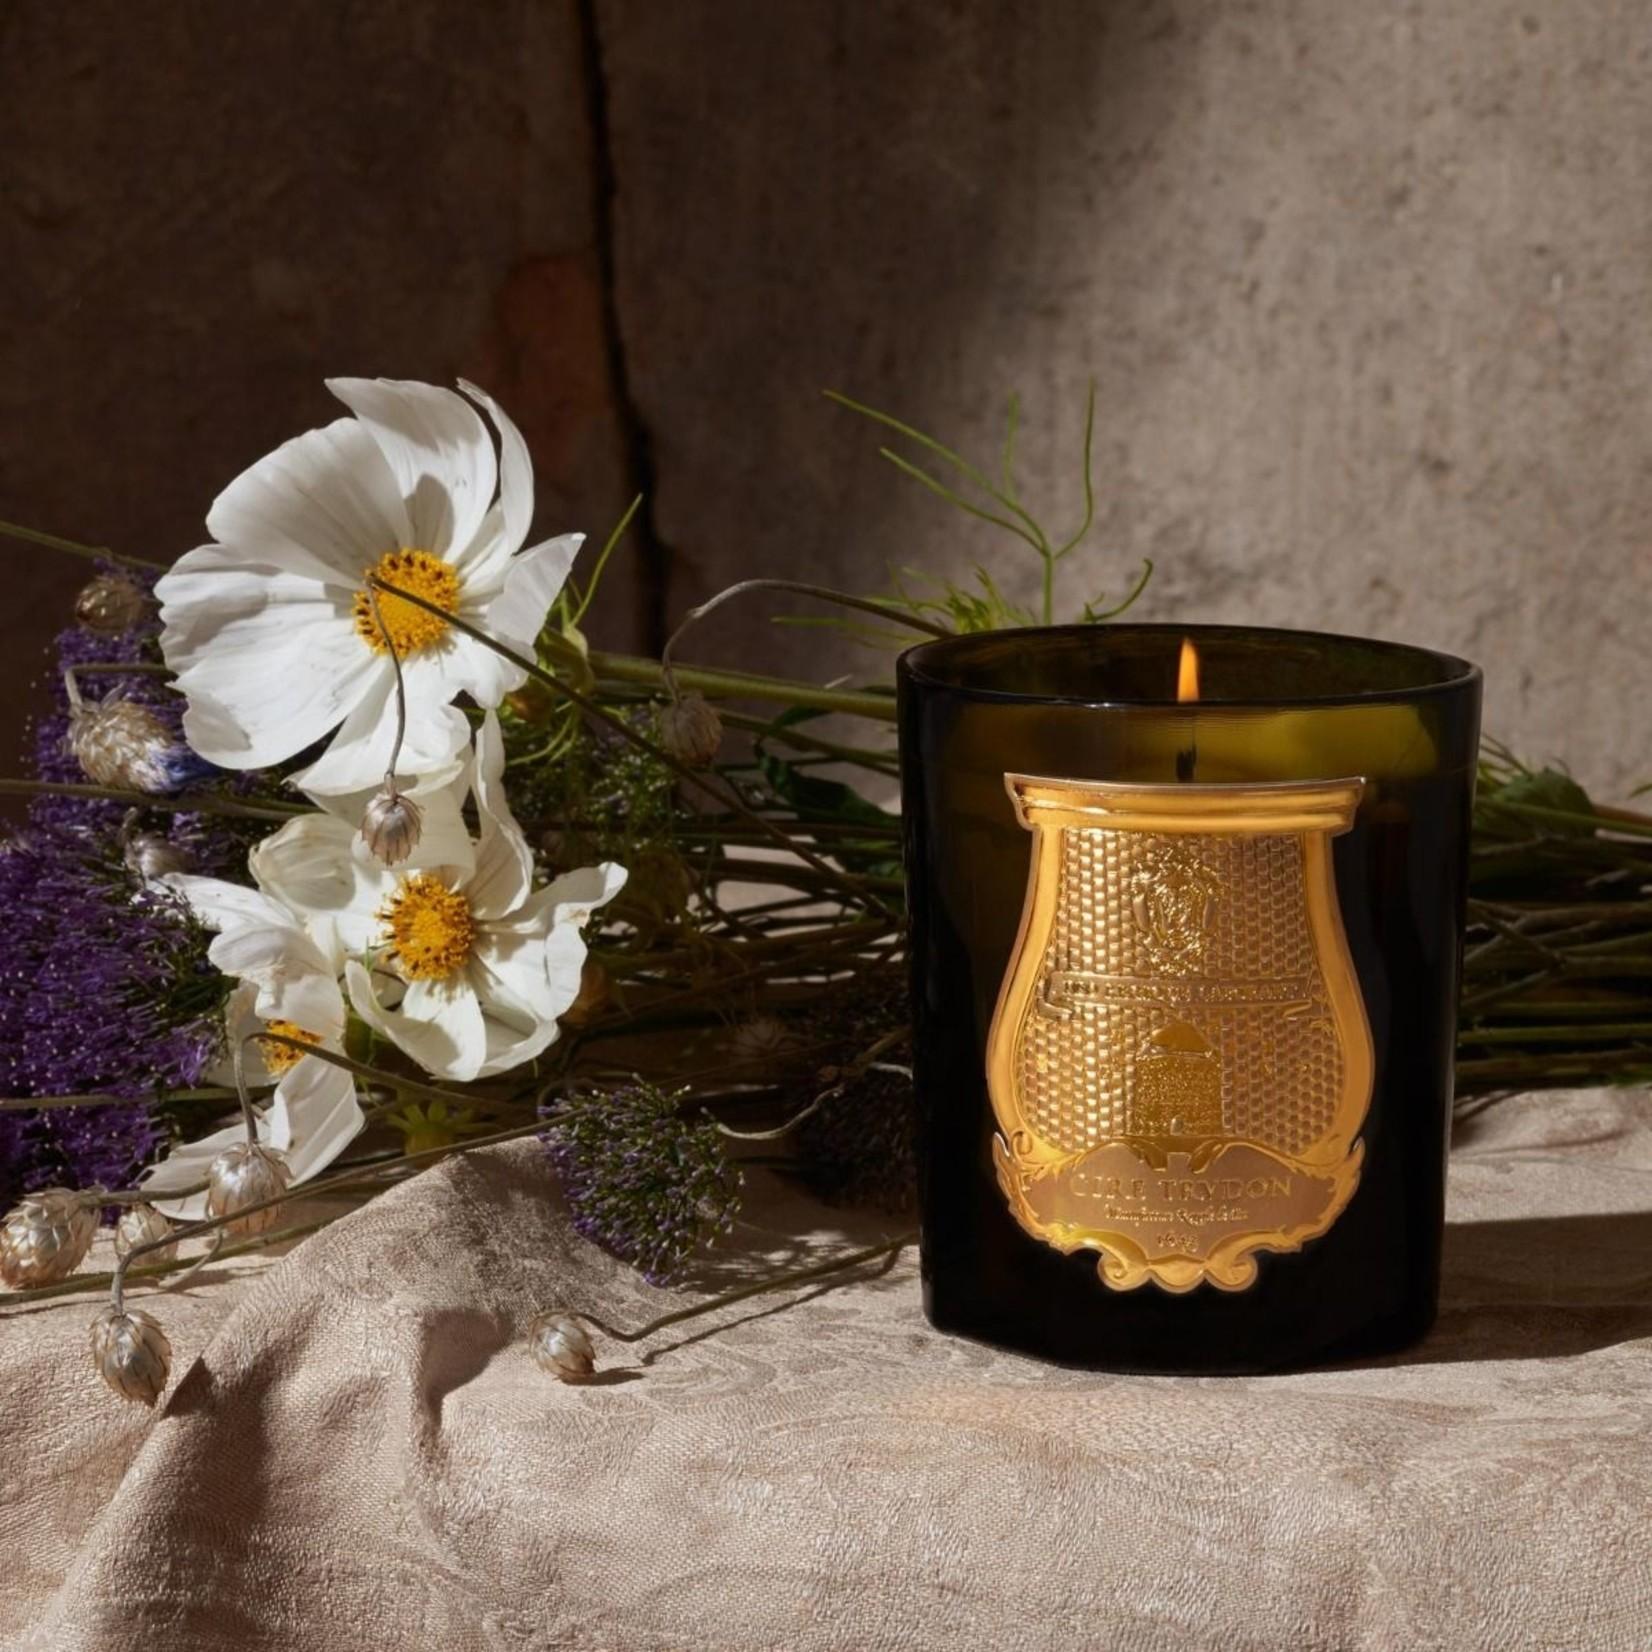 Trudon Abd El Kader Candle